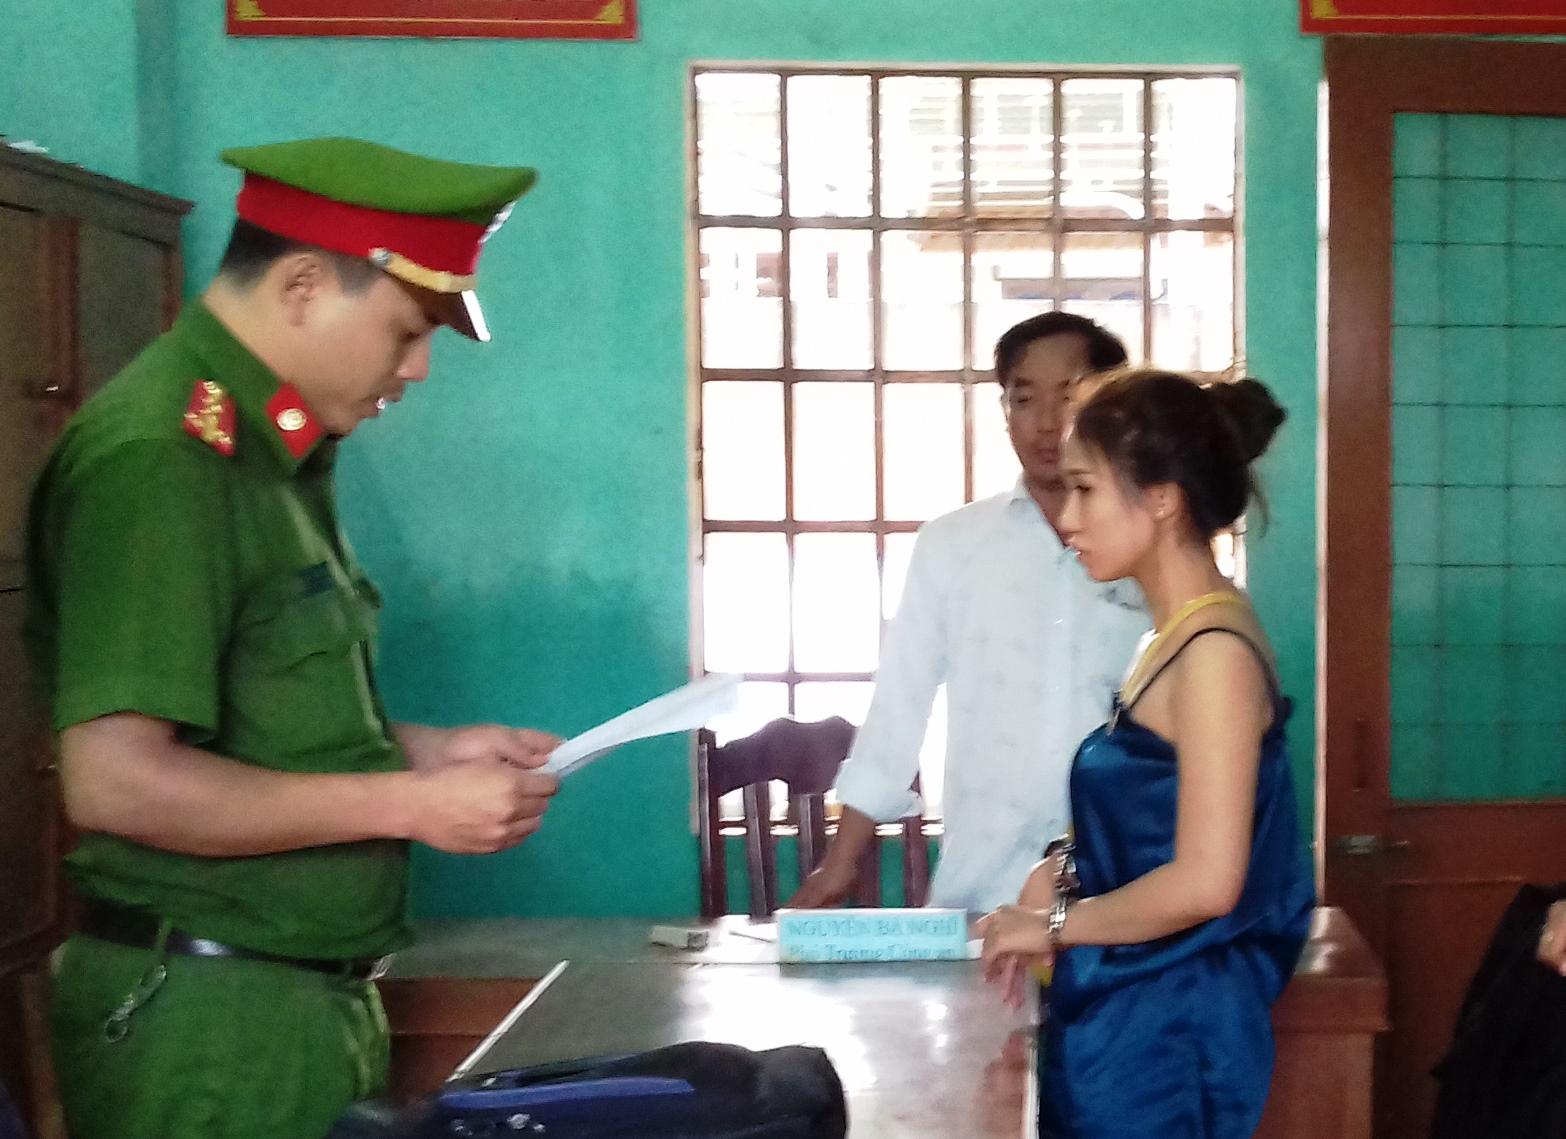 Cơ quan chức năng đọc lệnh bắt tạm giam đối với đối tượng Trinh. Ảnh: CA cung cấp